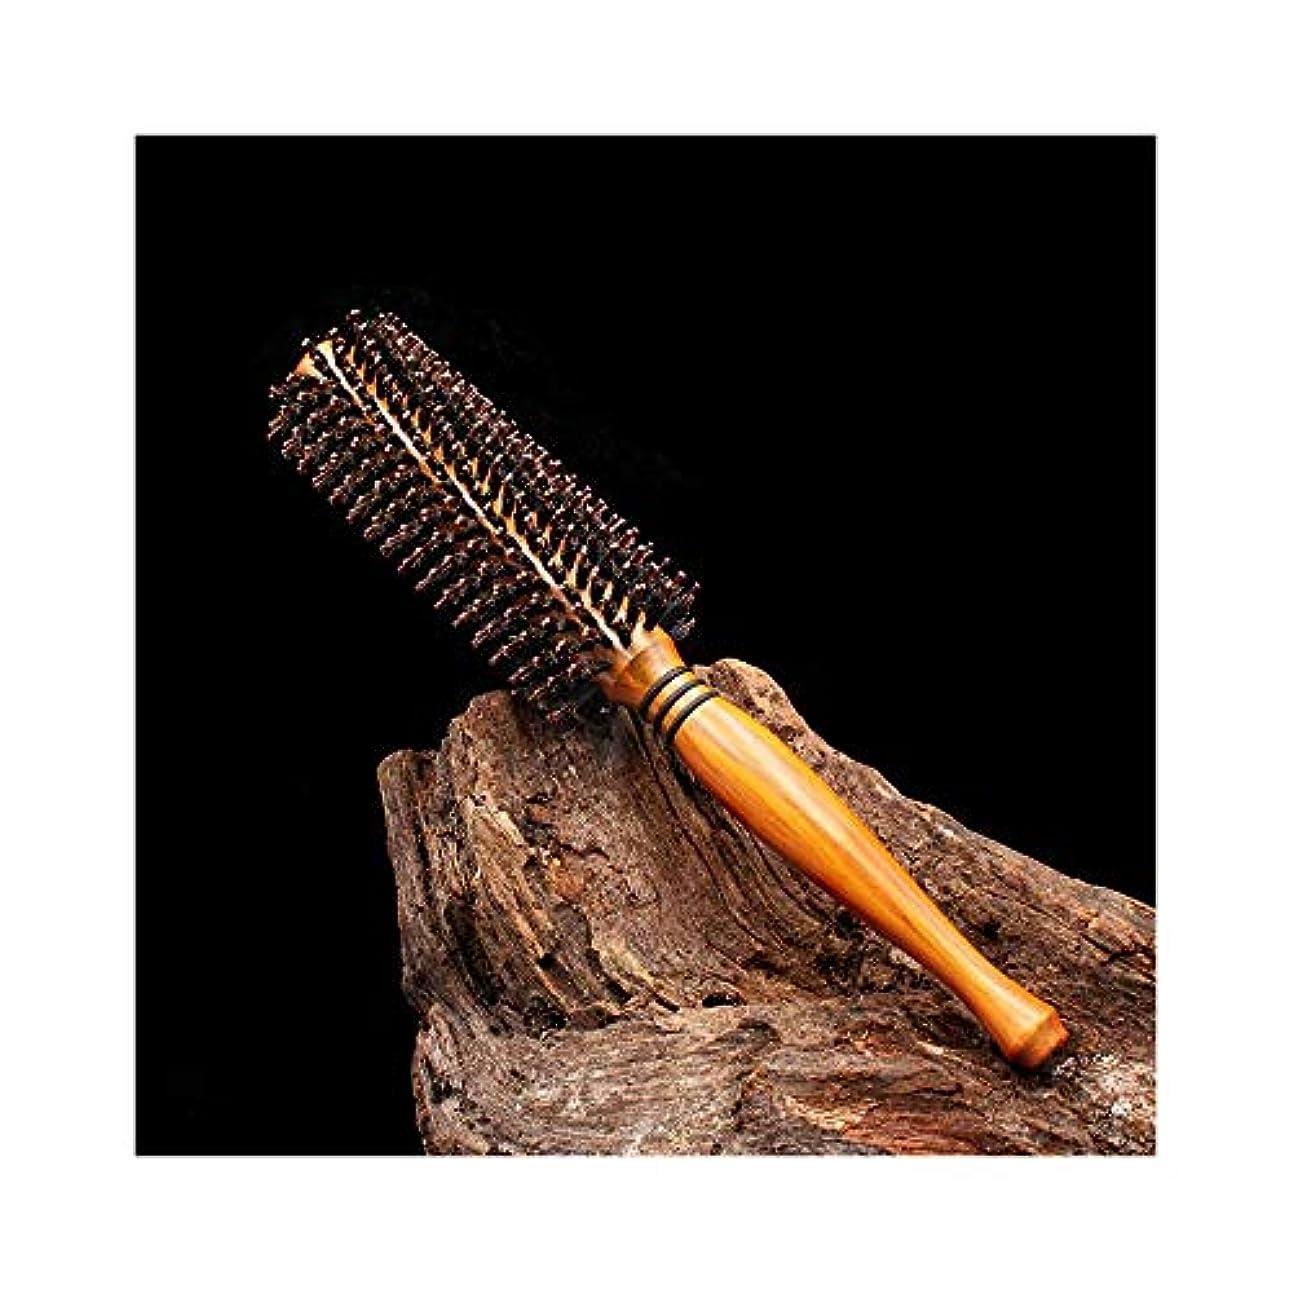 絶滅した脚本体系的にWASAIO ヘアブラシ木製ローリングコームブロー乾燥乾燥イノシシ毛コームラウンドヘアブラシ (Design : Twill, サイズ : M)